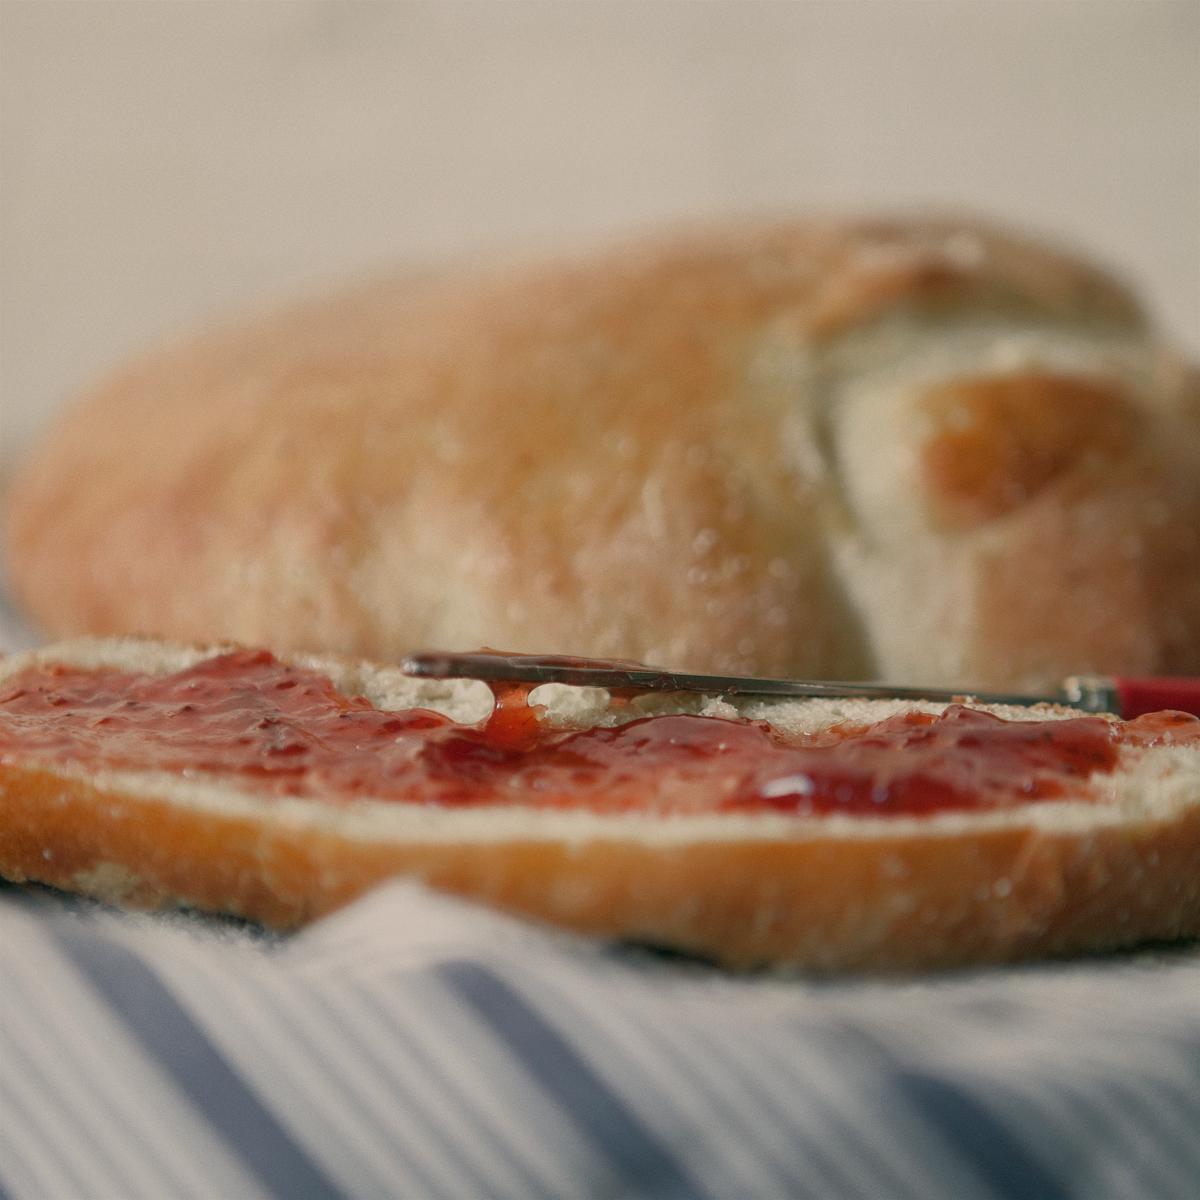 Bread_JG__0101.jpg